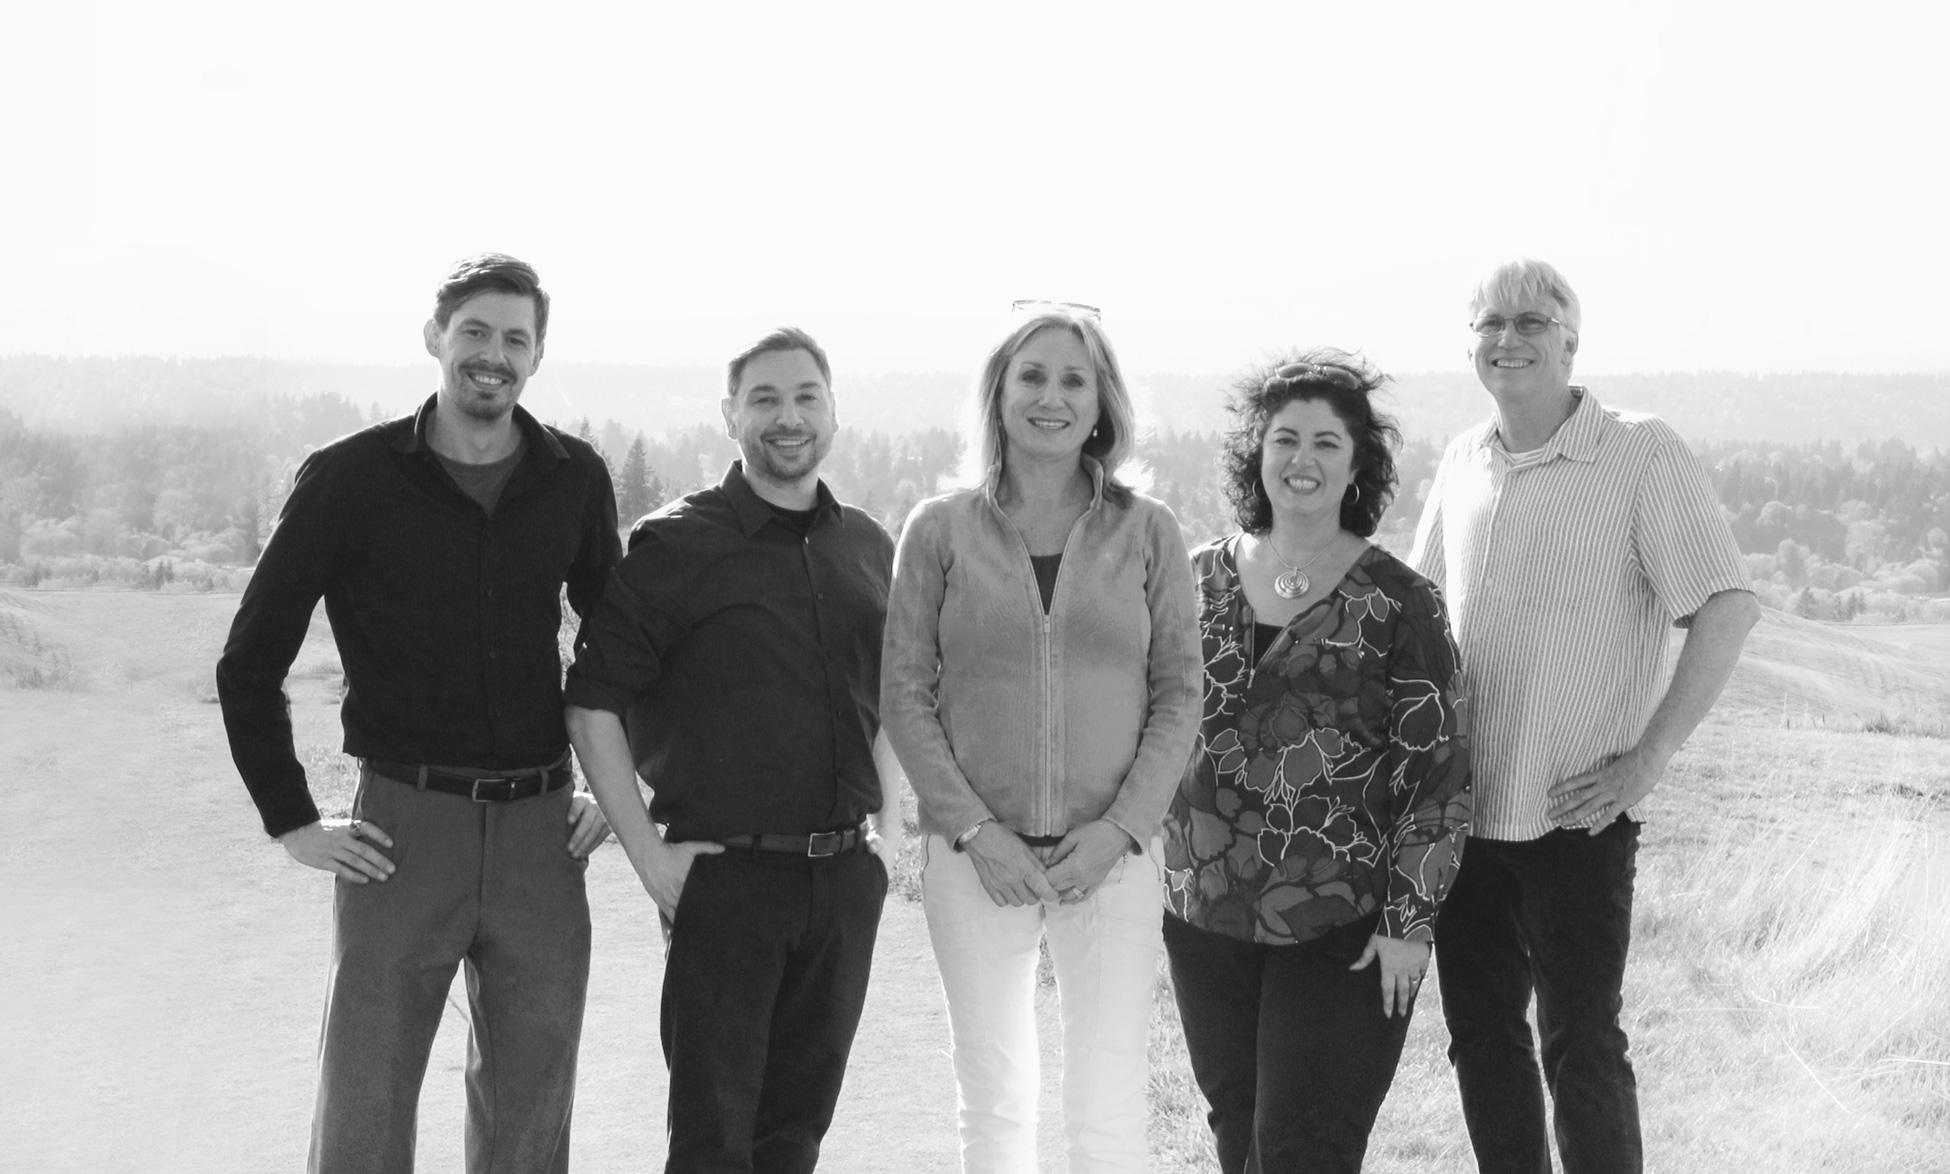 Meet the Flowerpot Media team - Flowerpot staff team picture with Kim Augustavo